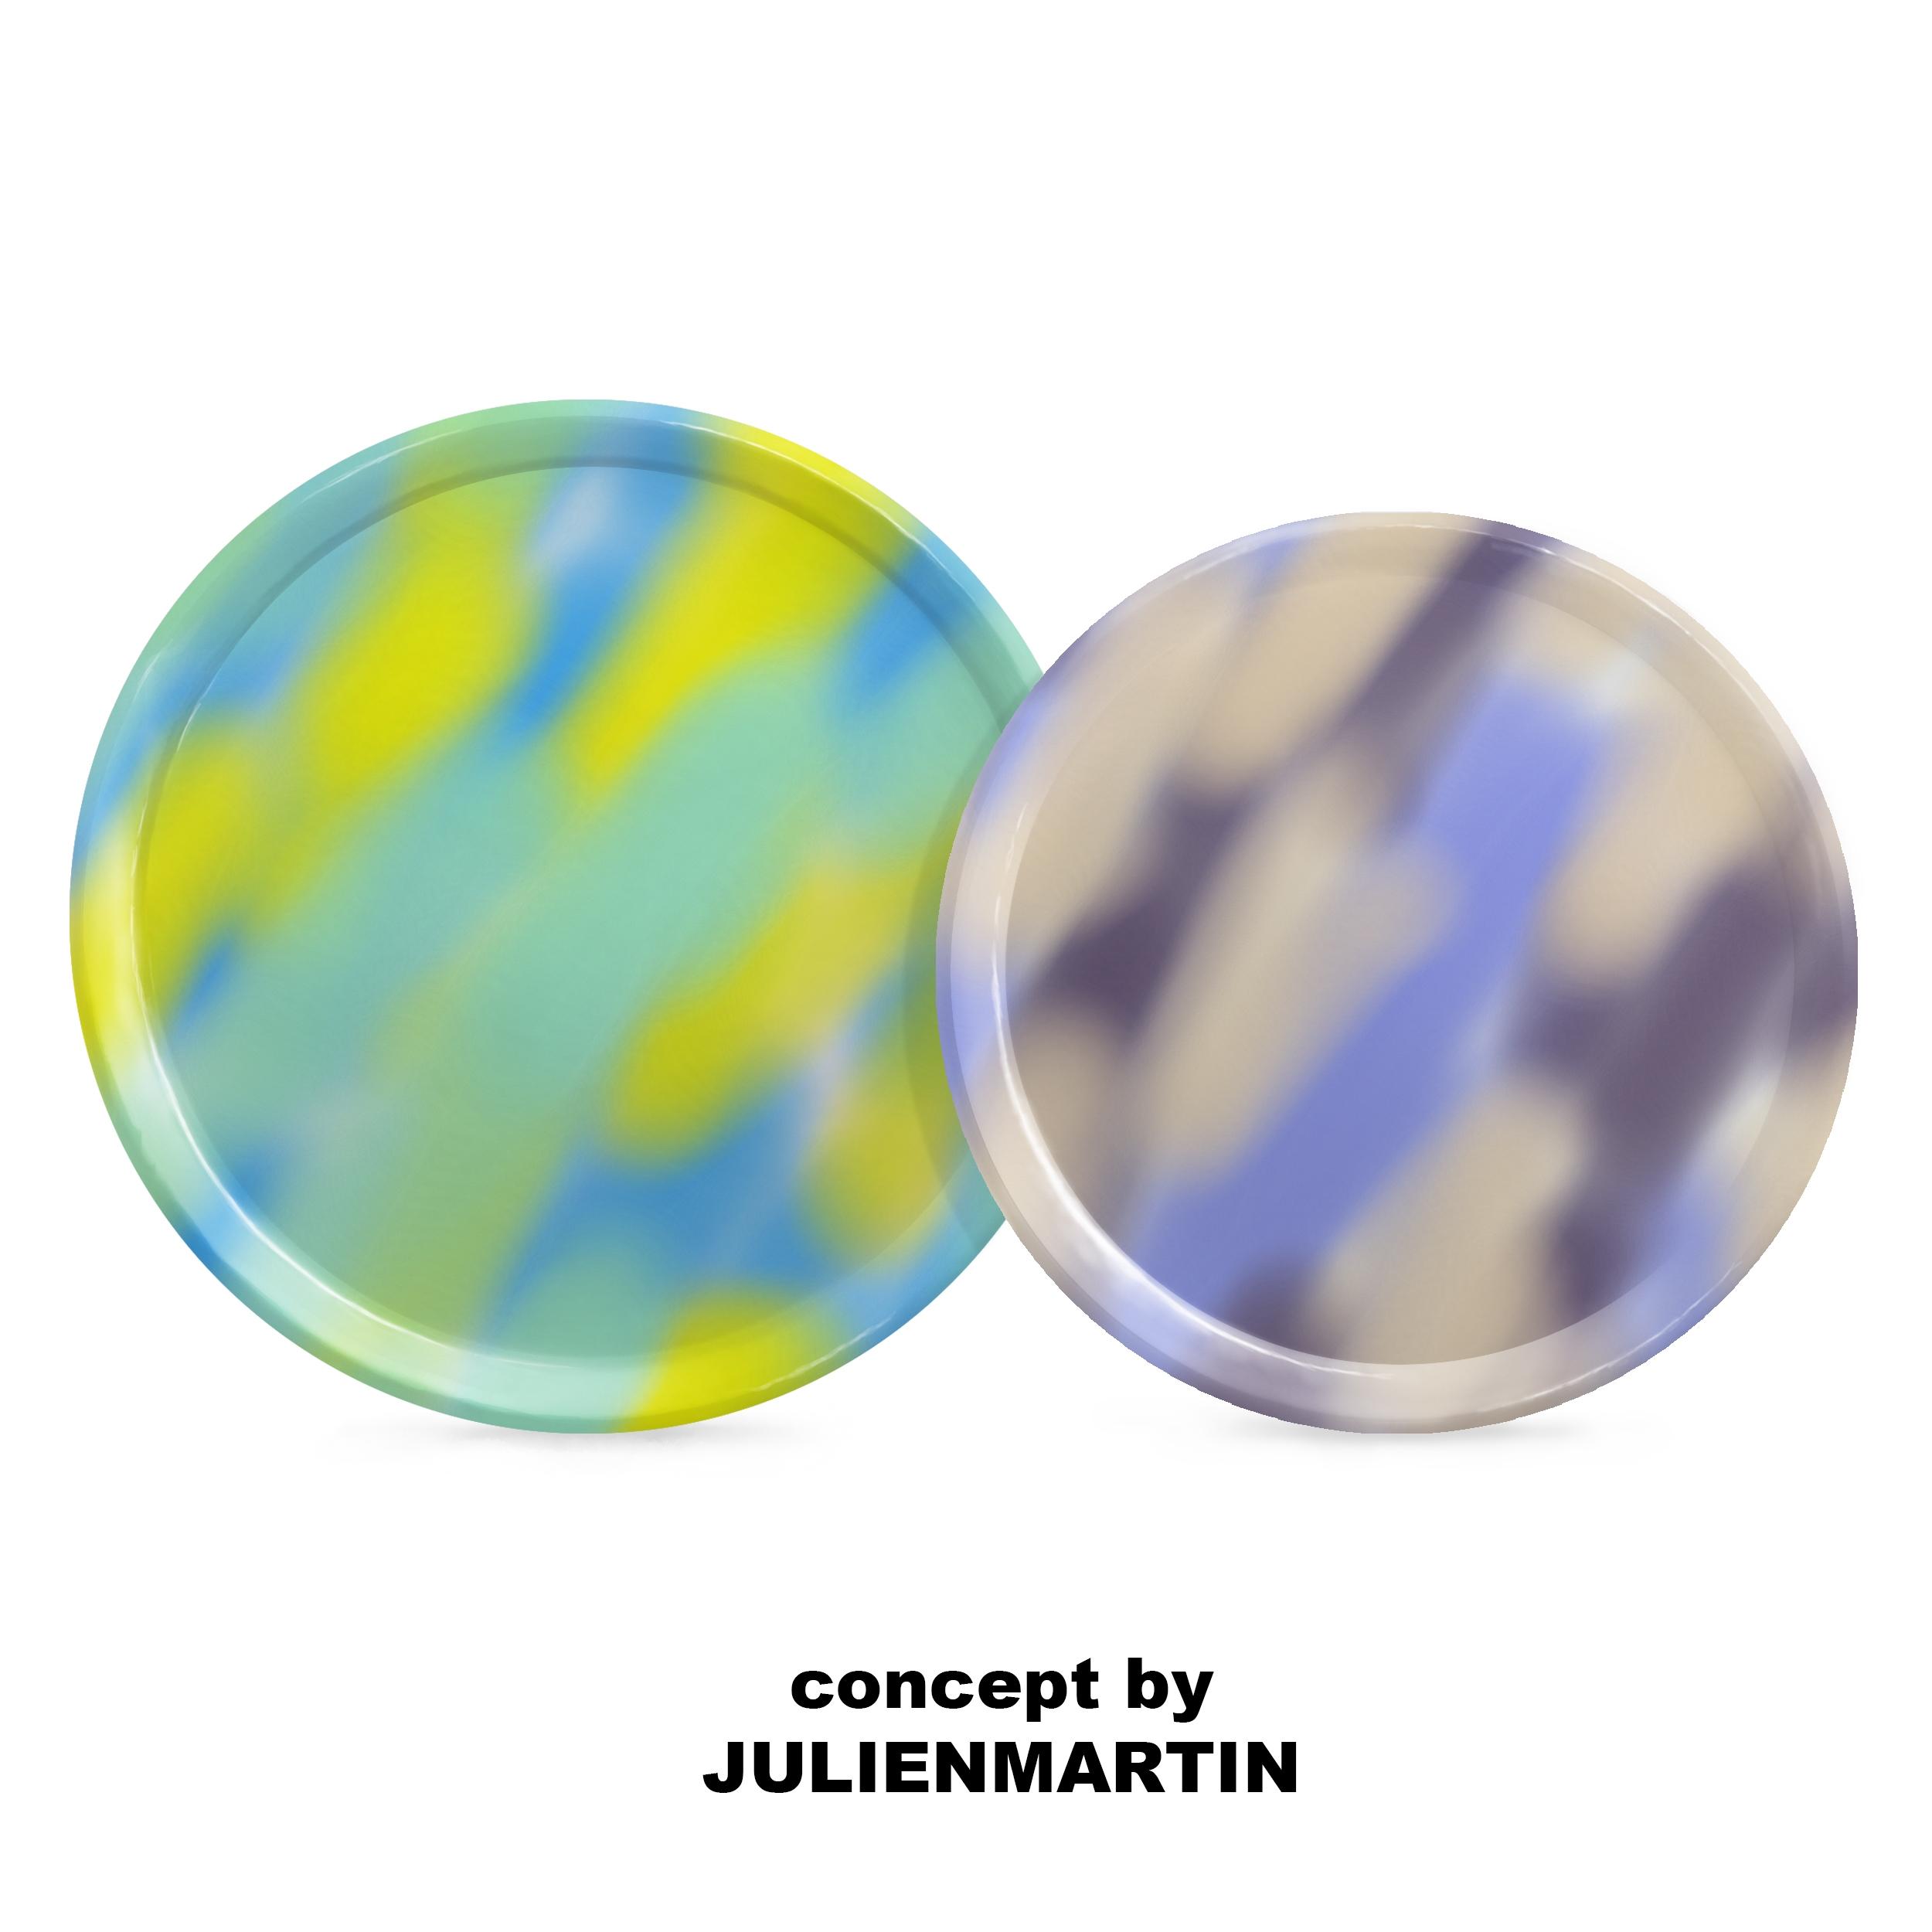 JM_Plate02.jpg